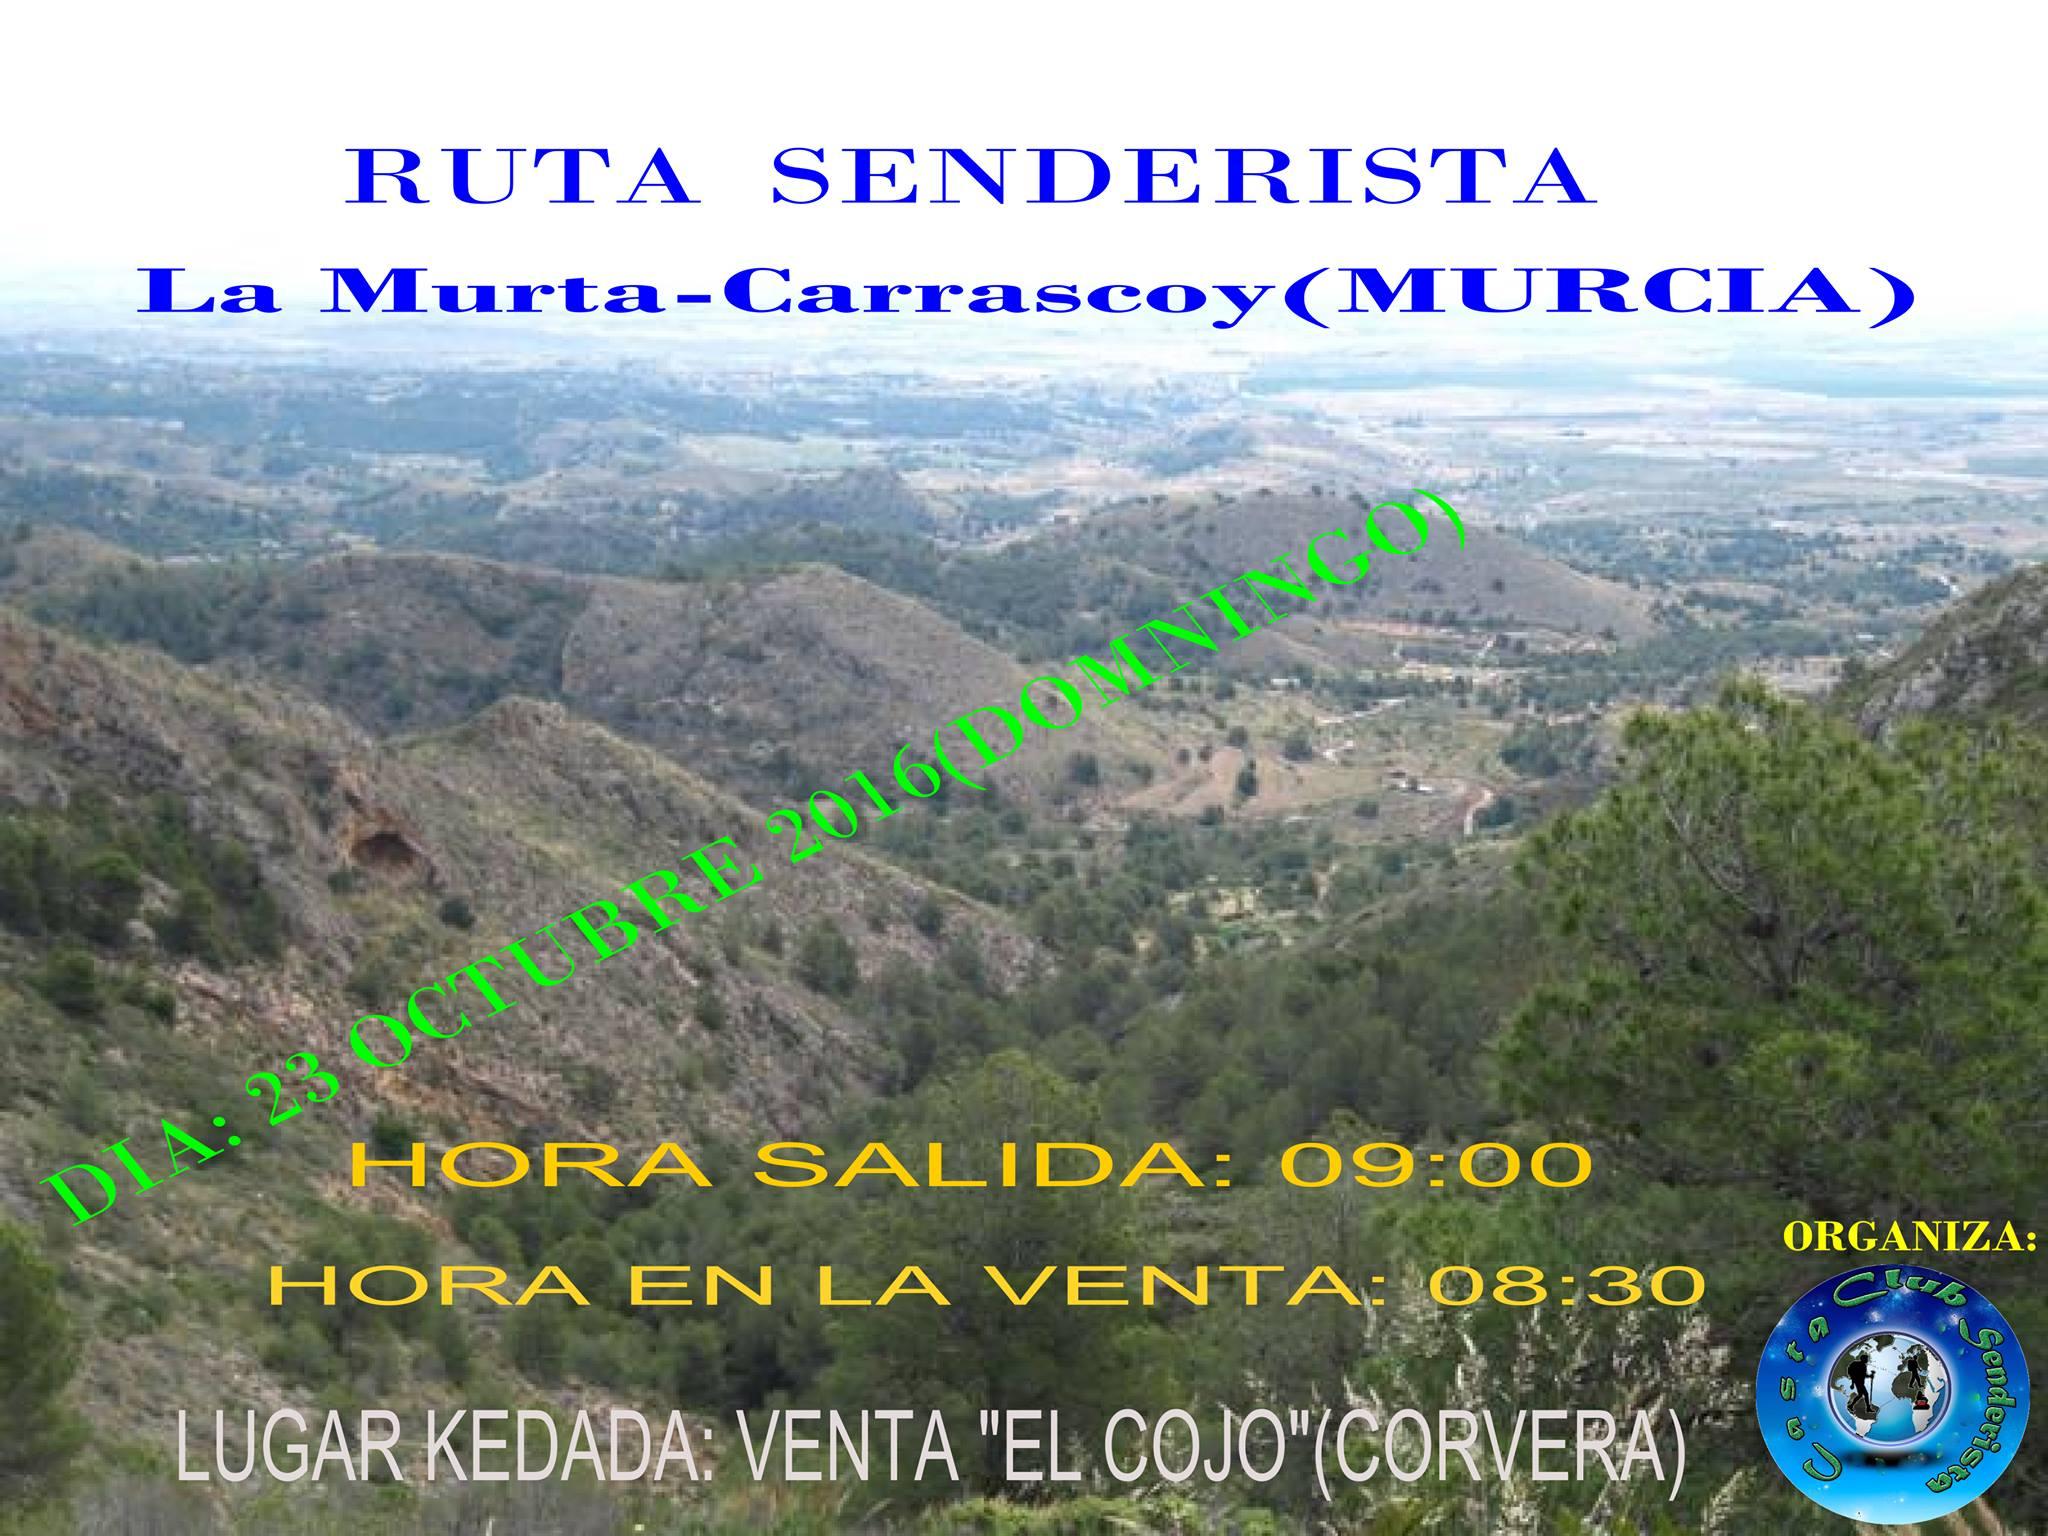 Ruta Senderista La Murta-Carrascoy, con el Club Senderista Casta.